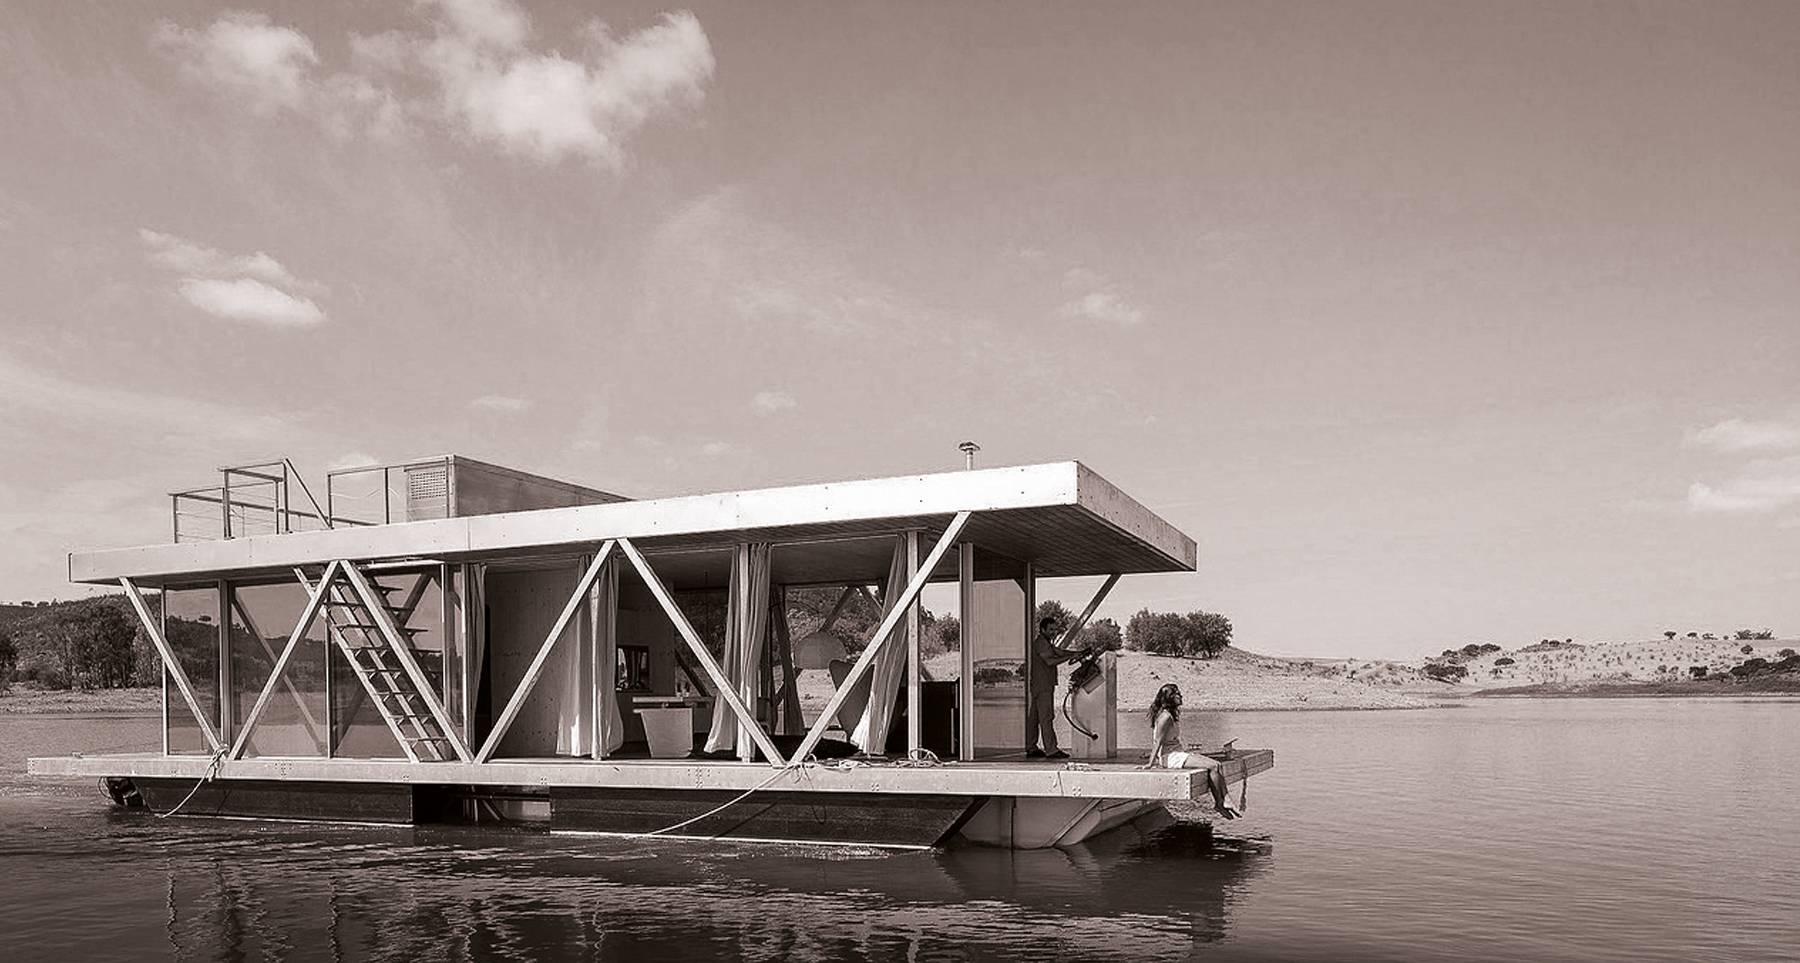 Une maison flottante sur le Lac Alqueva. Avez-vous déjà imaginé passer quelques jours de repos à deux, en famille ou entre amis, au milieu d'un lac ou dans un coin agréable d'une anse fluviale tout en disposant de la commodité et du confort d'une habitation bien équipée ?